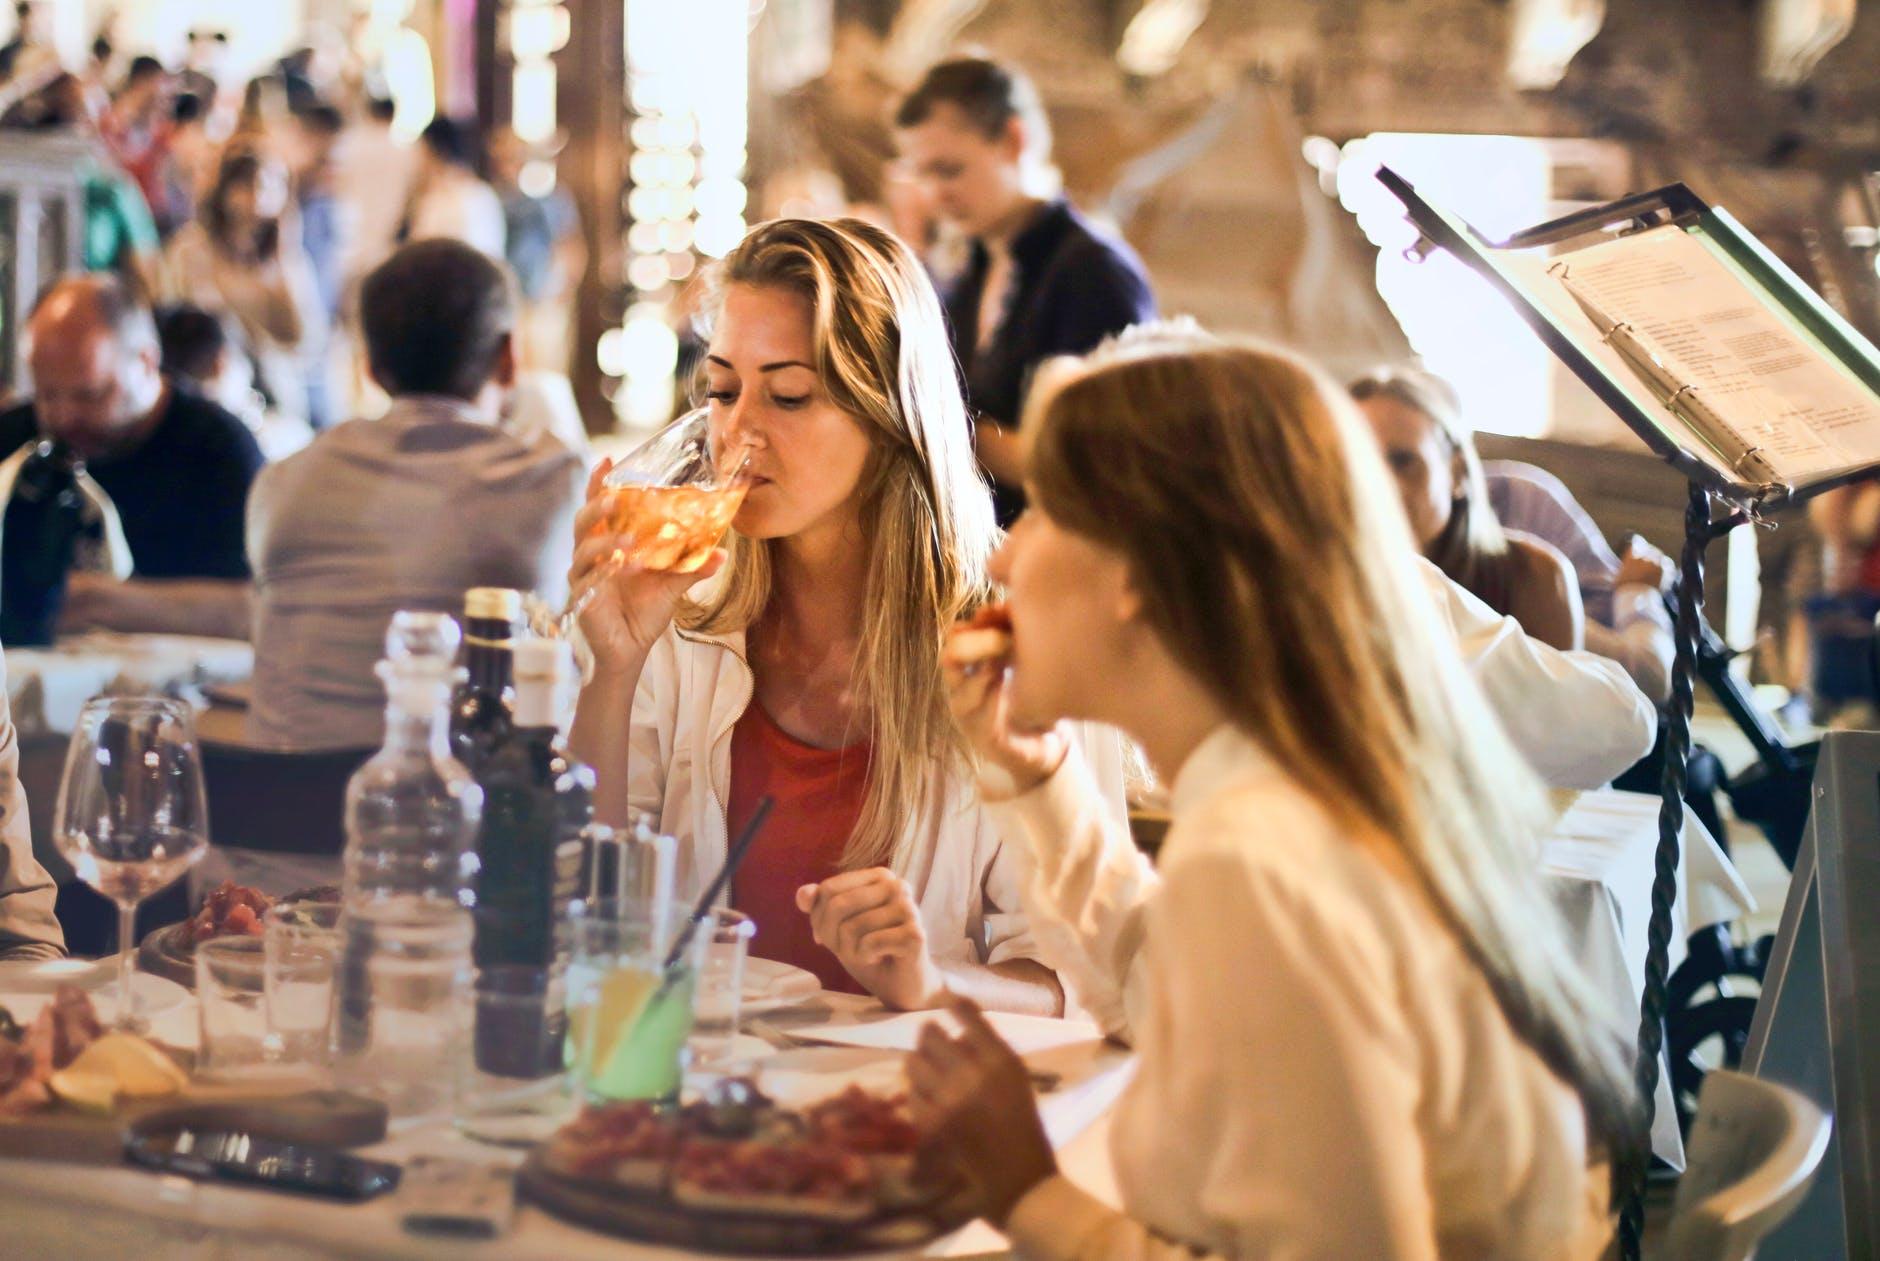 phép lịch sử tối thiểu ai cũng nên biết; đừng nói gì cũng được; phép lịch sự cơ bản; phep lich su; phép lịch sự trong giao tiếp; phép lịch sự trong ăn uống; phép lịch sự là gì; tại sao phải lịch sự